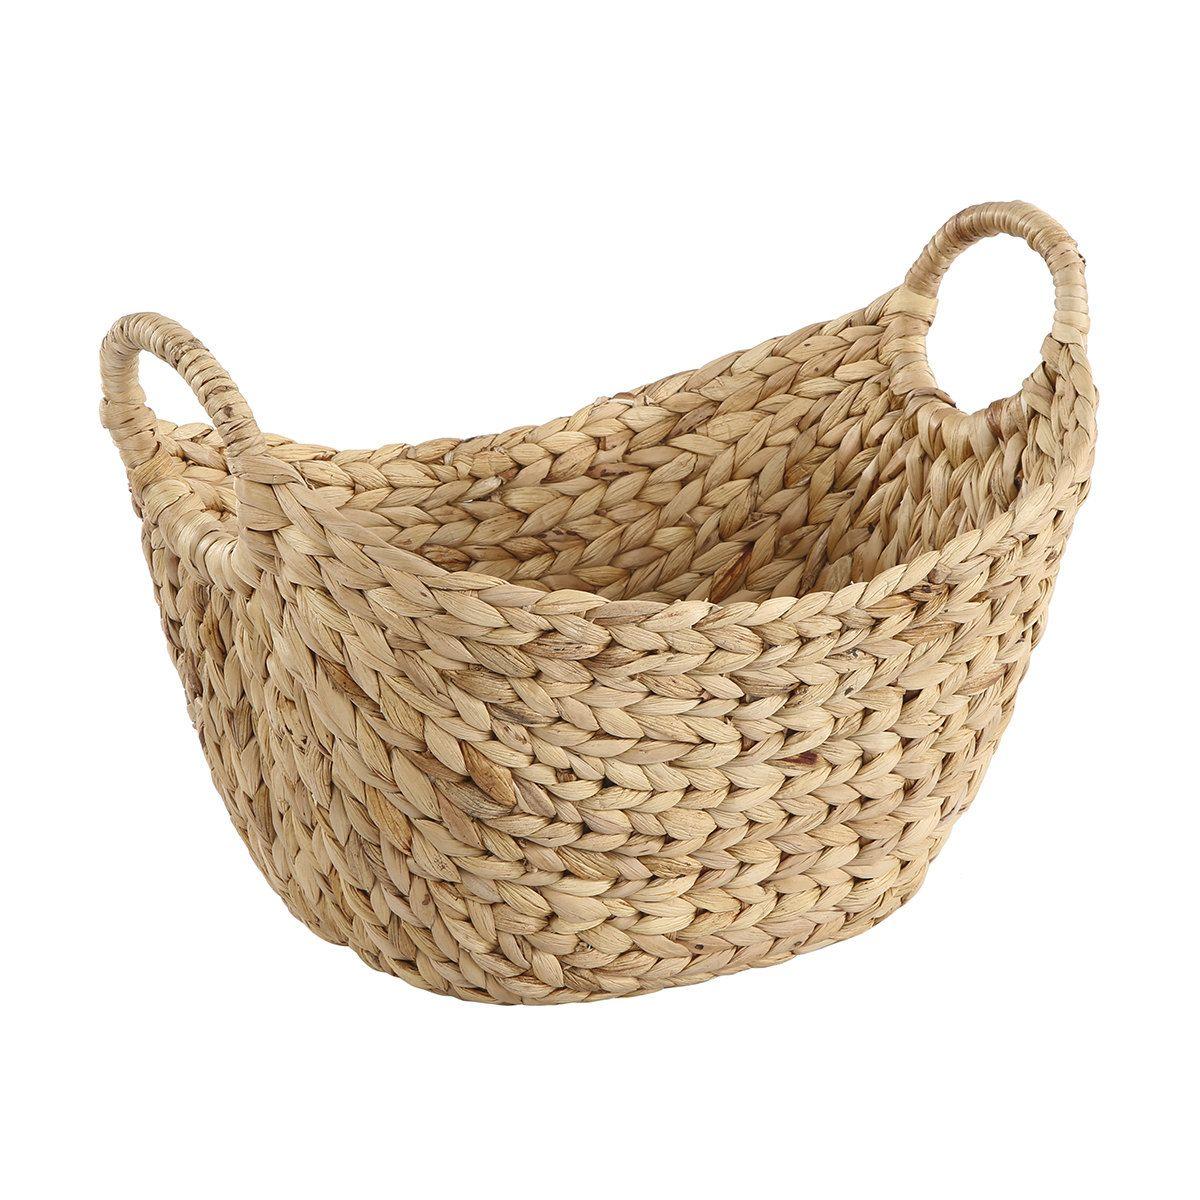 Oval Loop Basket Basket Wicker Laundry Basket Ovals